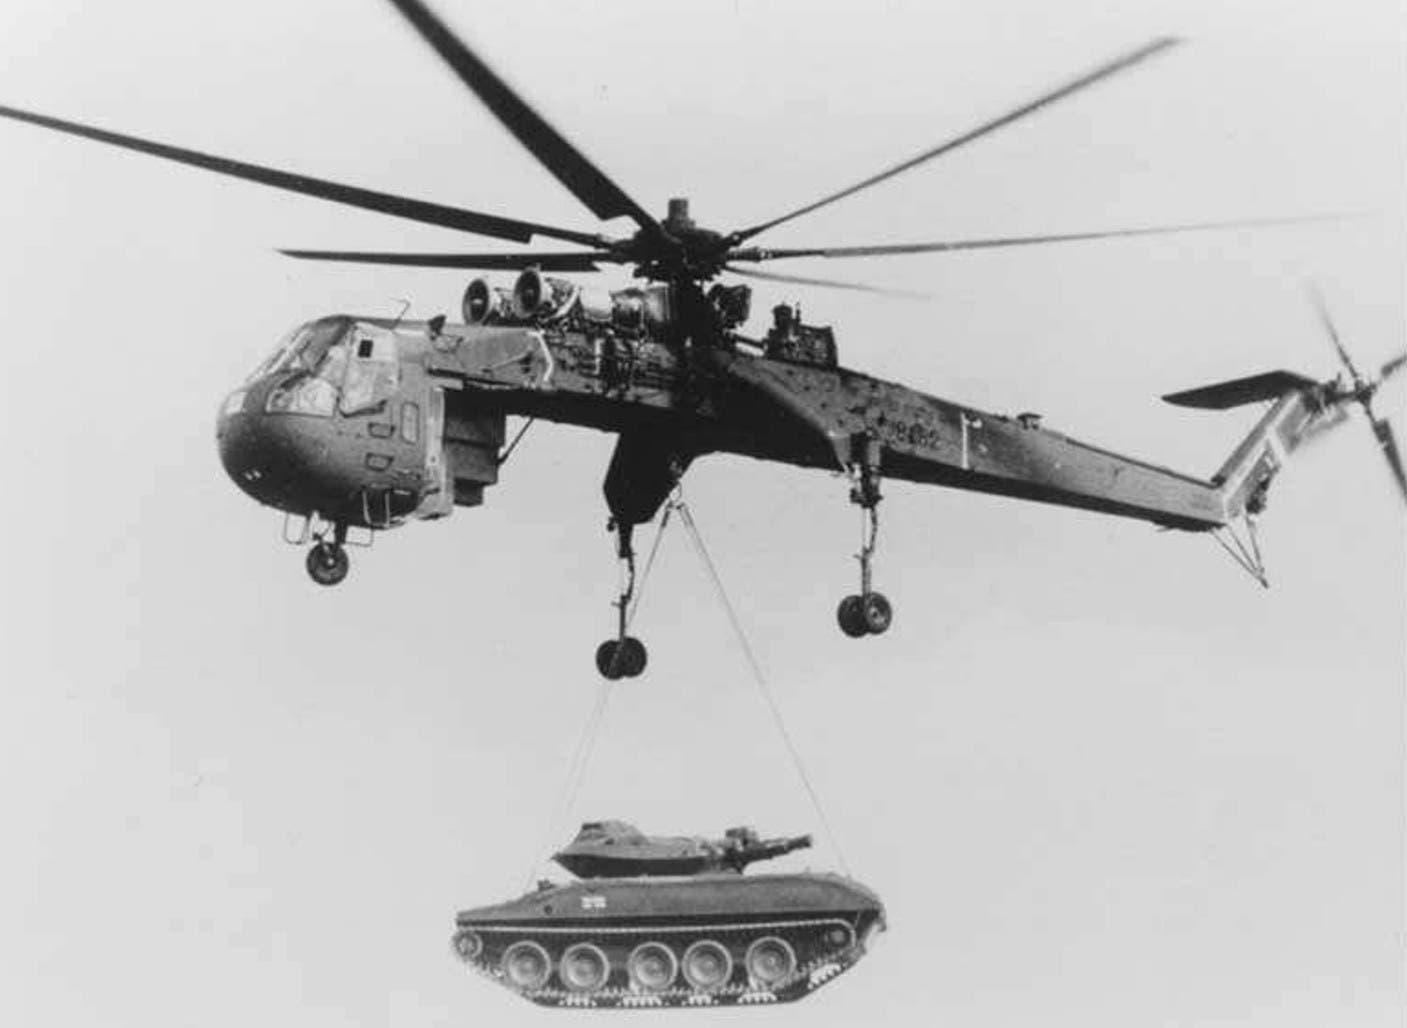 مروحية أميركية أثناء انزالها لإحدى الدبابات بحرب فيتنام